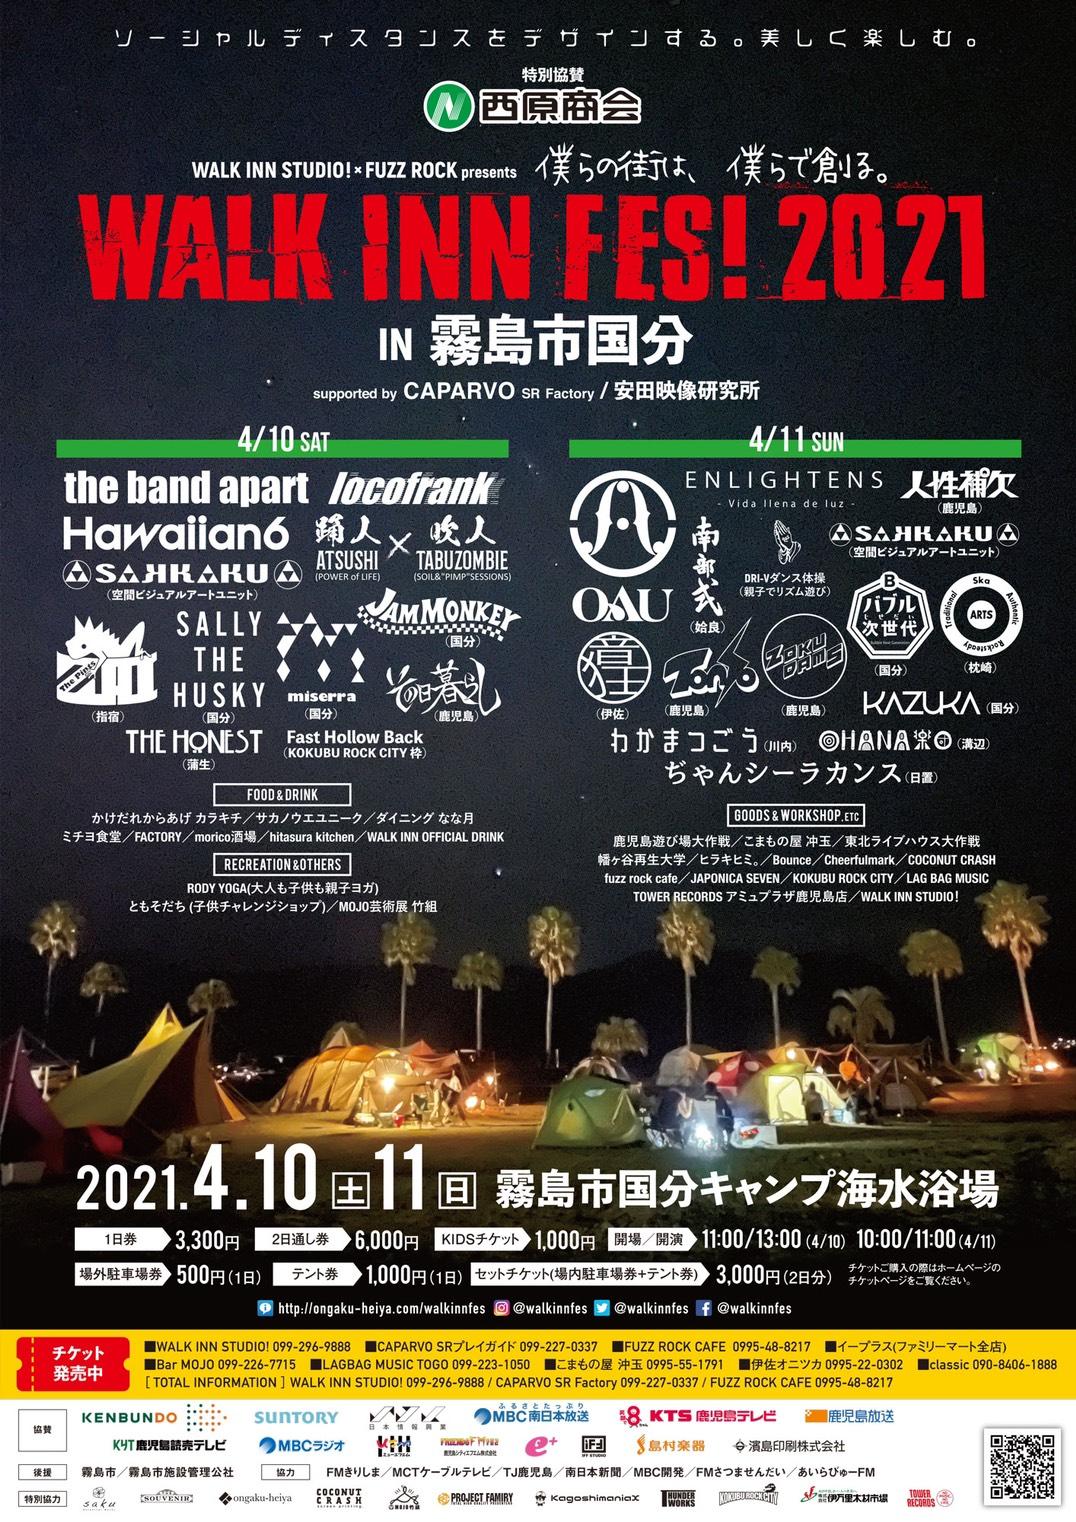 WALK INN FES!2021にKRCのアーティストが出演&ブース出展